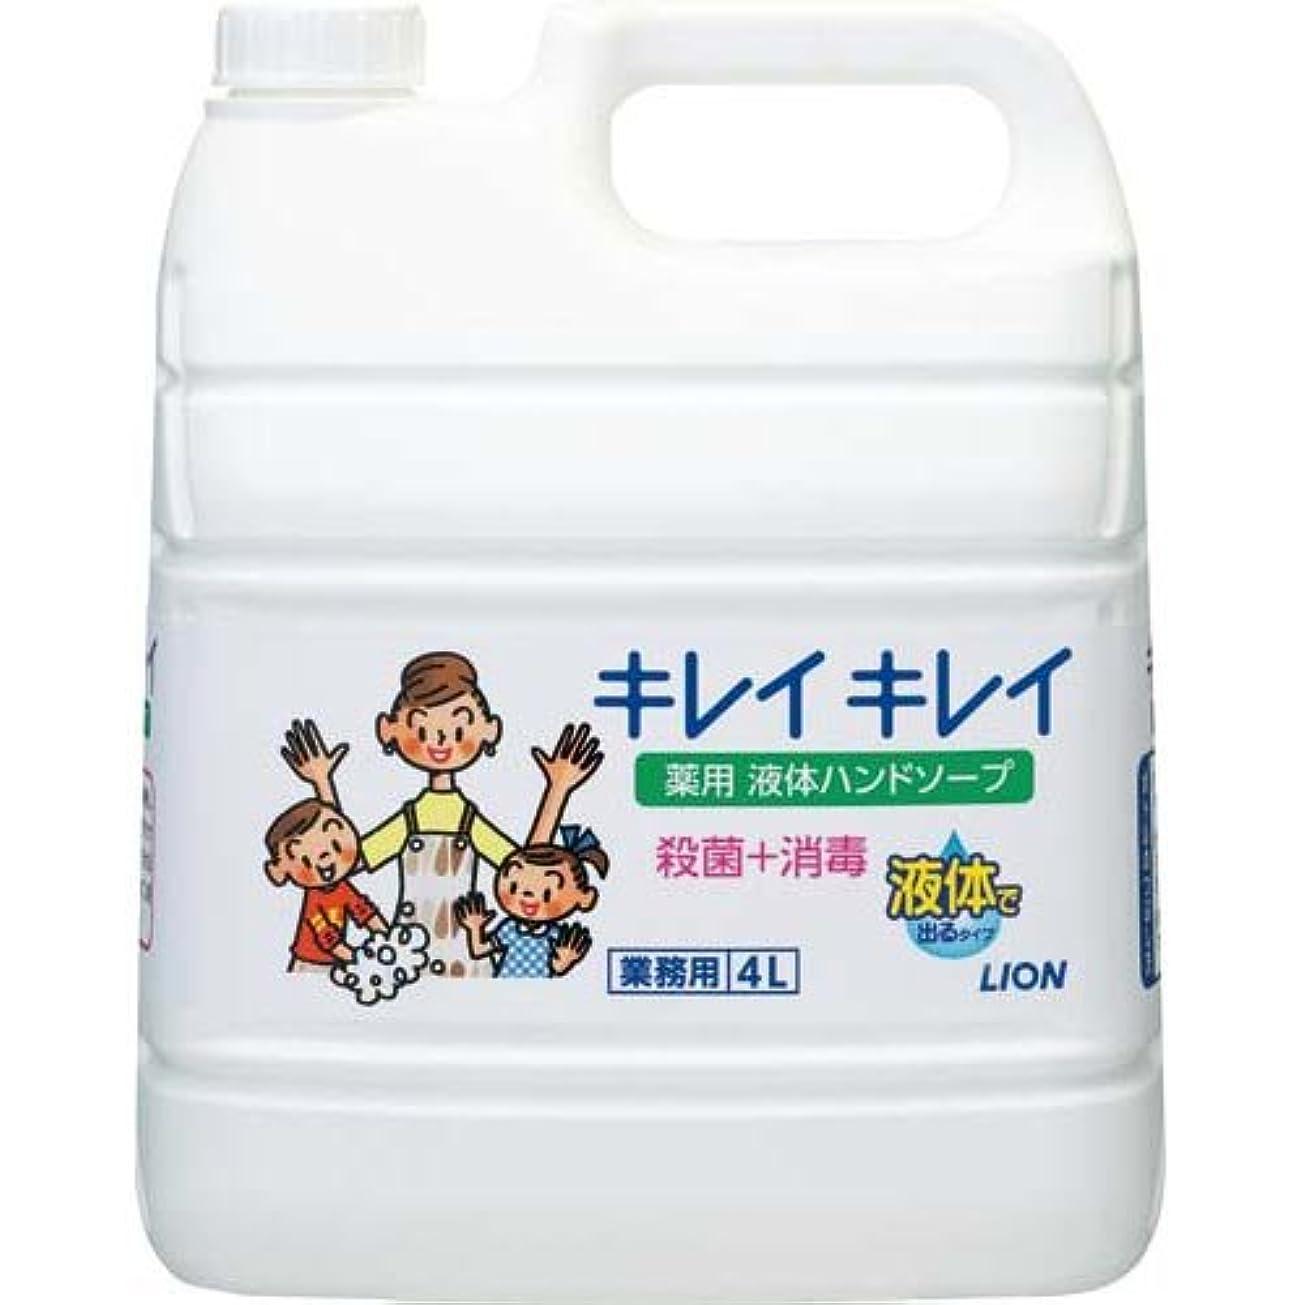 子報復祝福ライオンハイジーン キレイキレイ薬用ハンドソープ 業務用 4L×3本